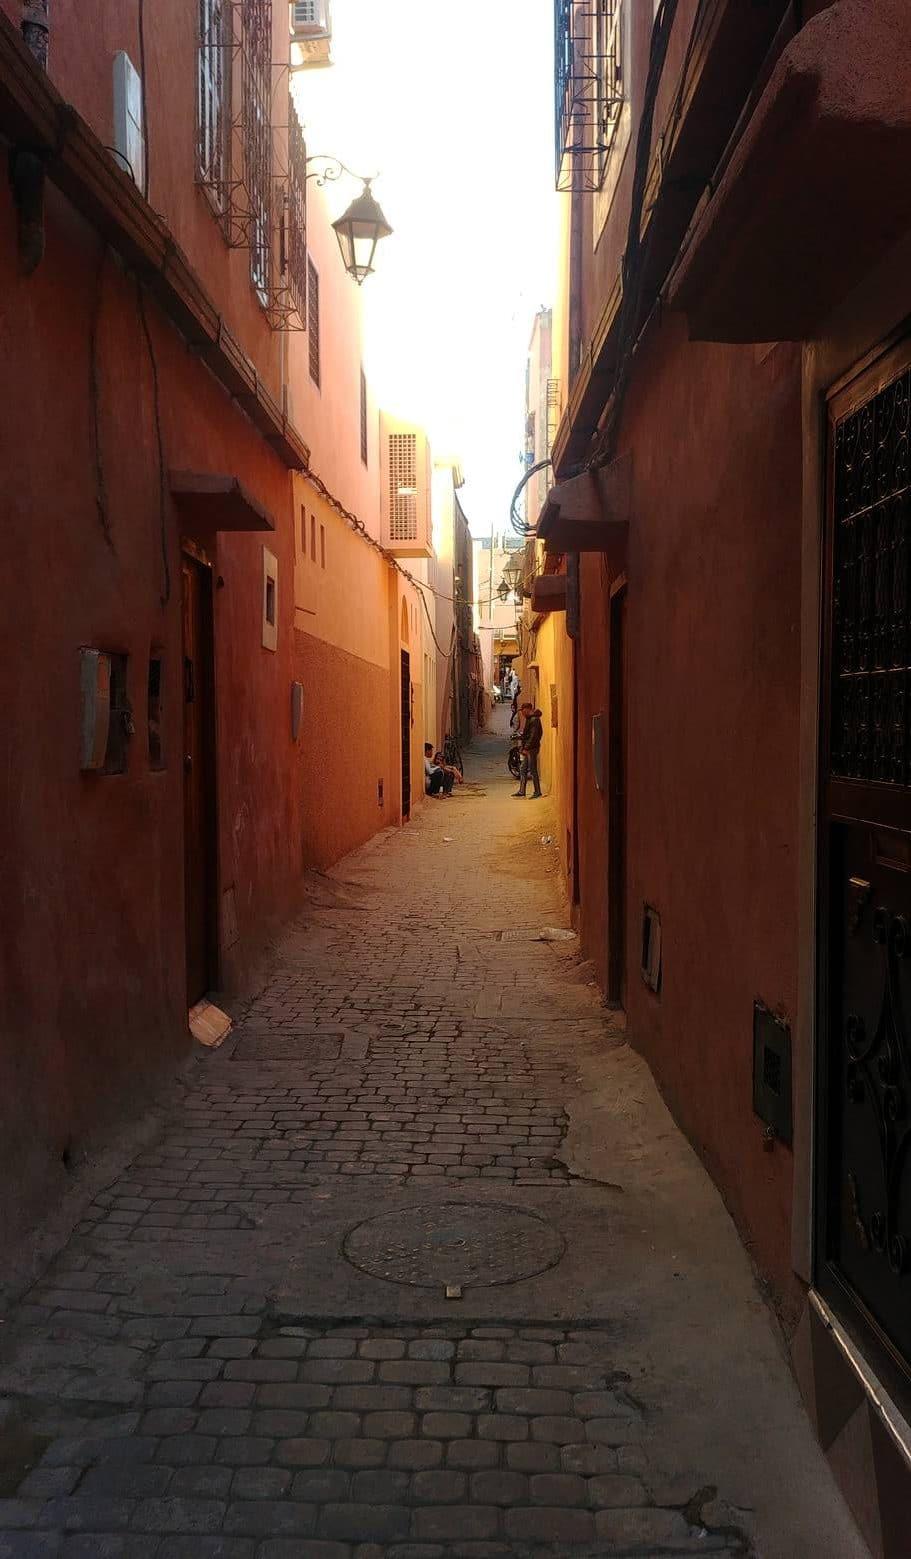 Maroc - Le quartier juif du mellah à Marrakech